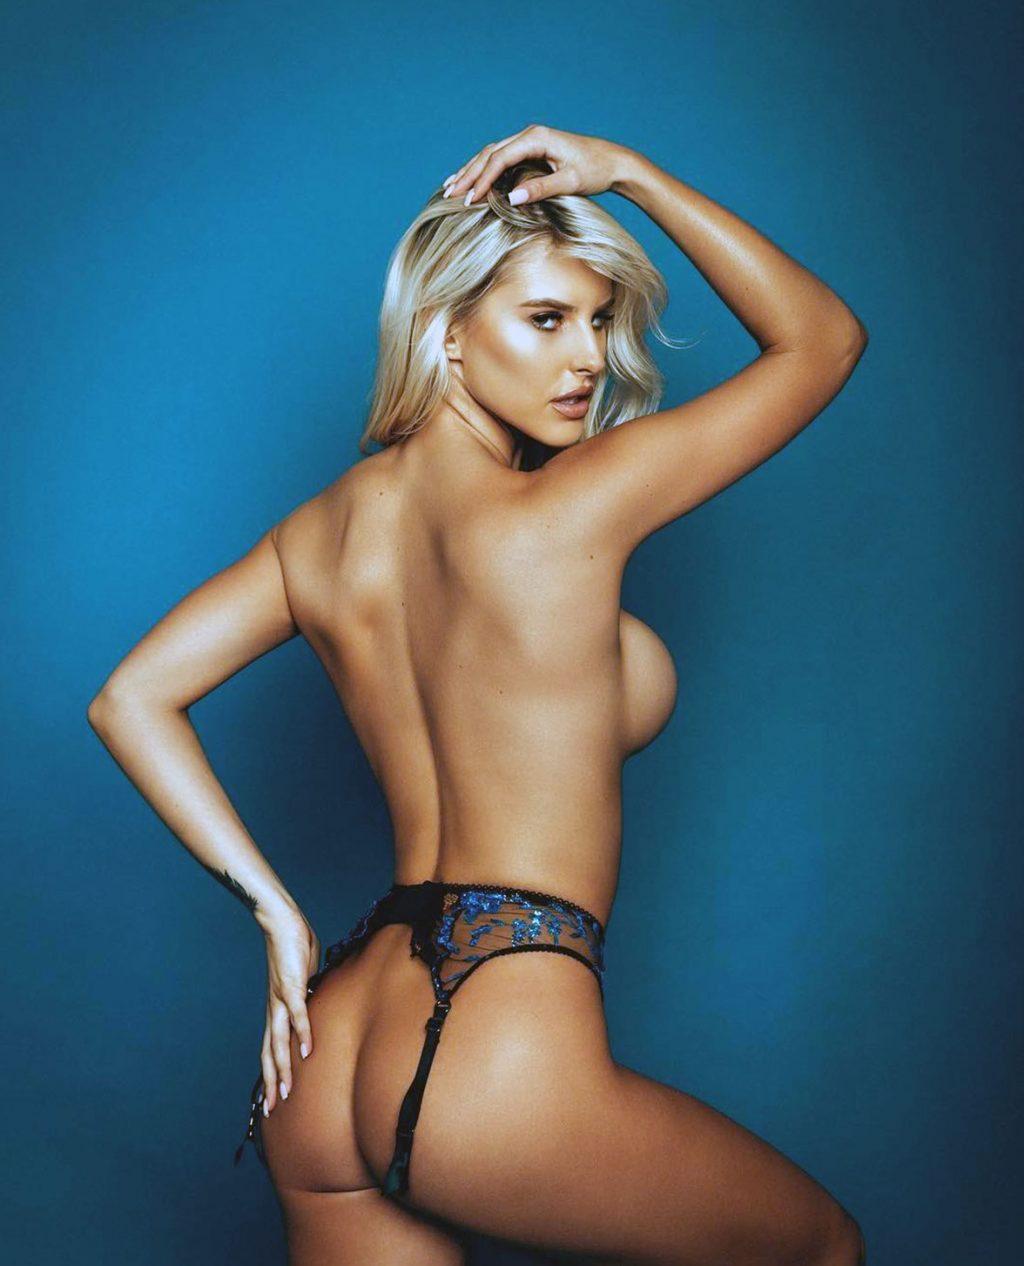 Brennah Black butt